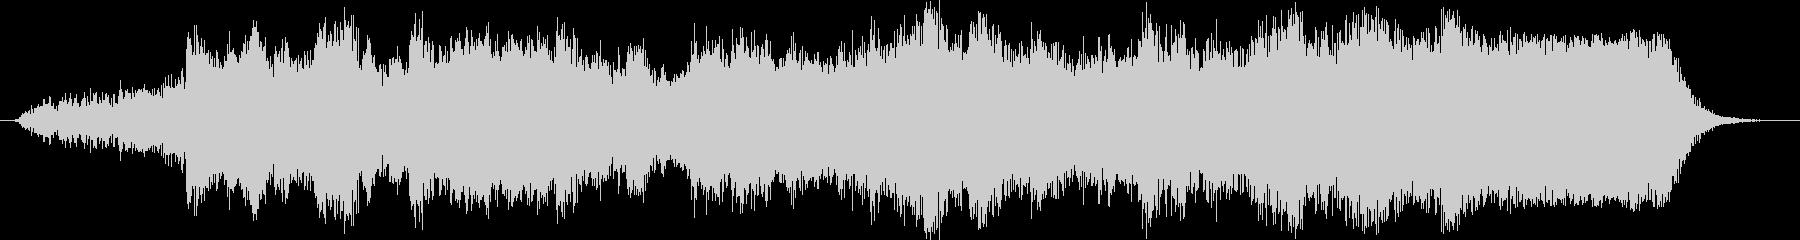 ラジオ制作シーン:ラボの猿:怒って...の未再生の波形